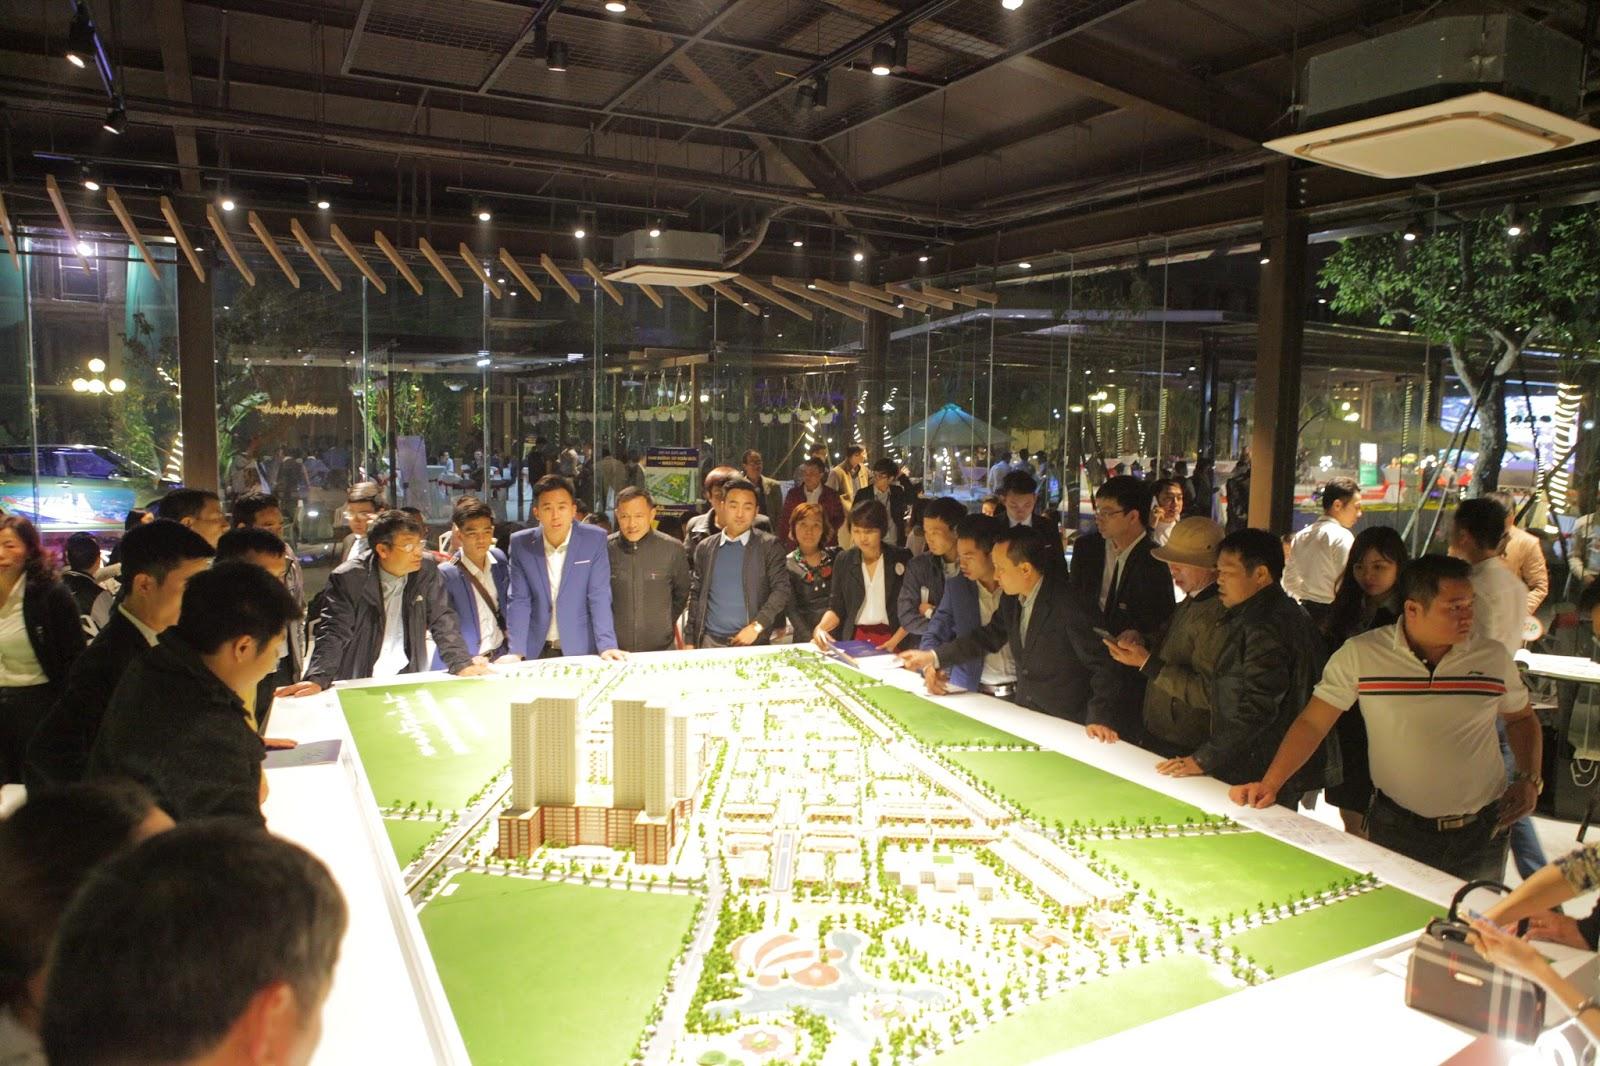 Buổi lễ giới thiệu dự án Nam 32 - Đông đảo khách hàng tham dự đều đánh giá tốt về thị trường Phía tây HN